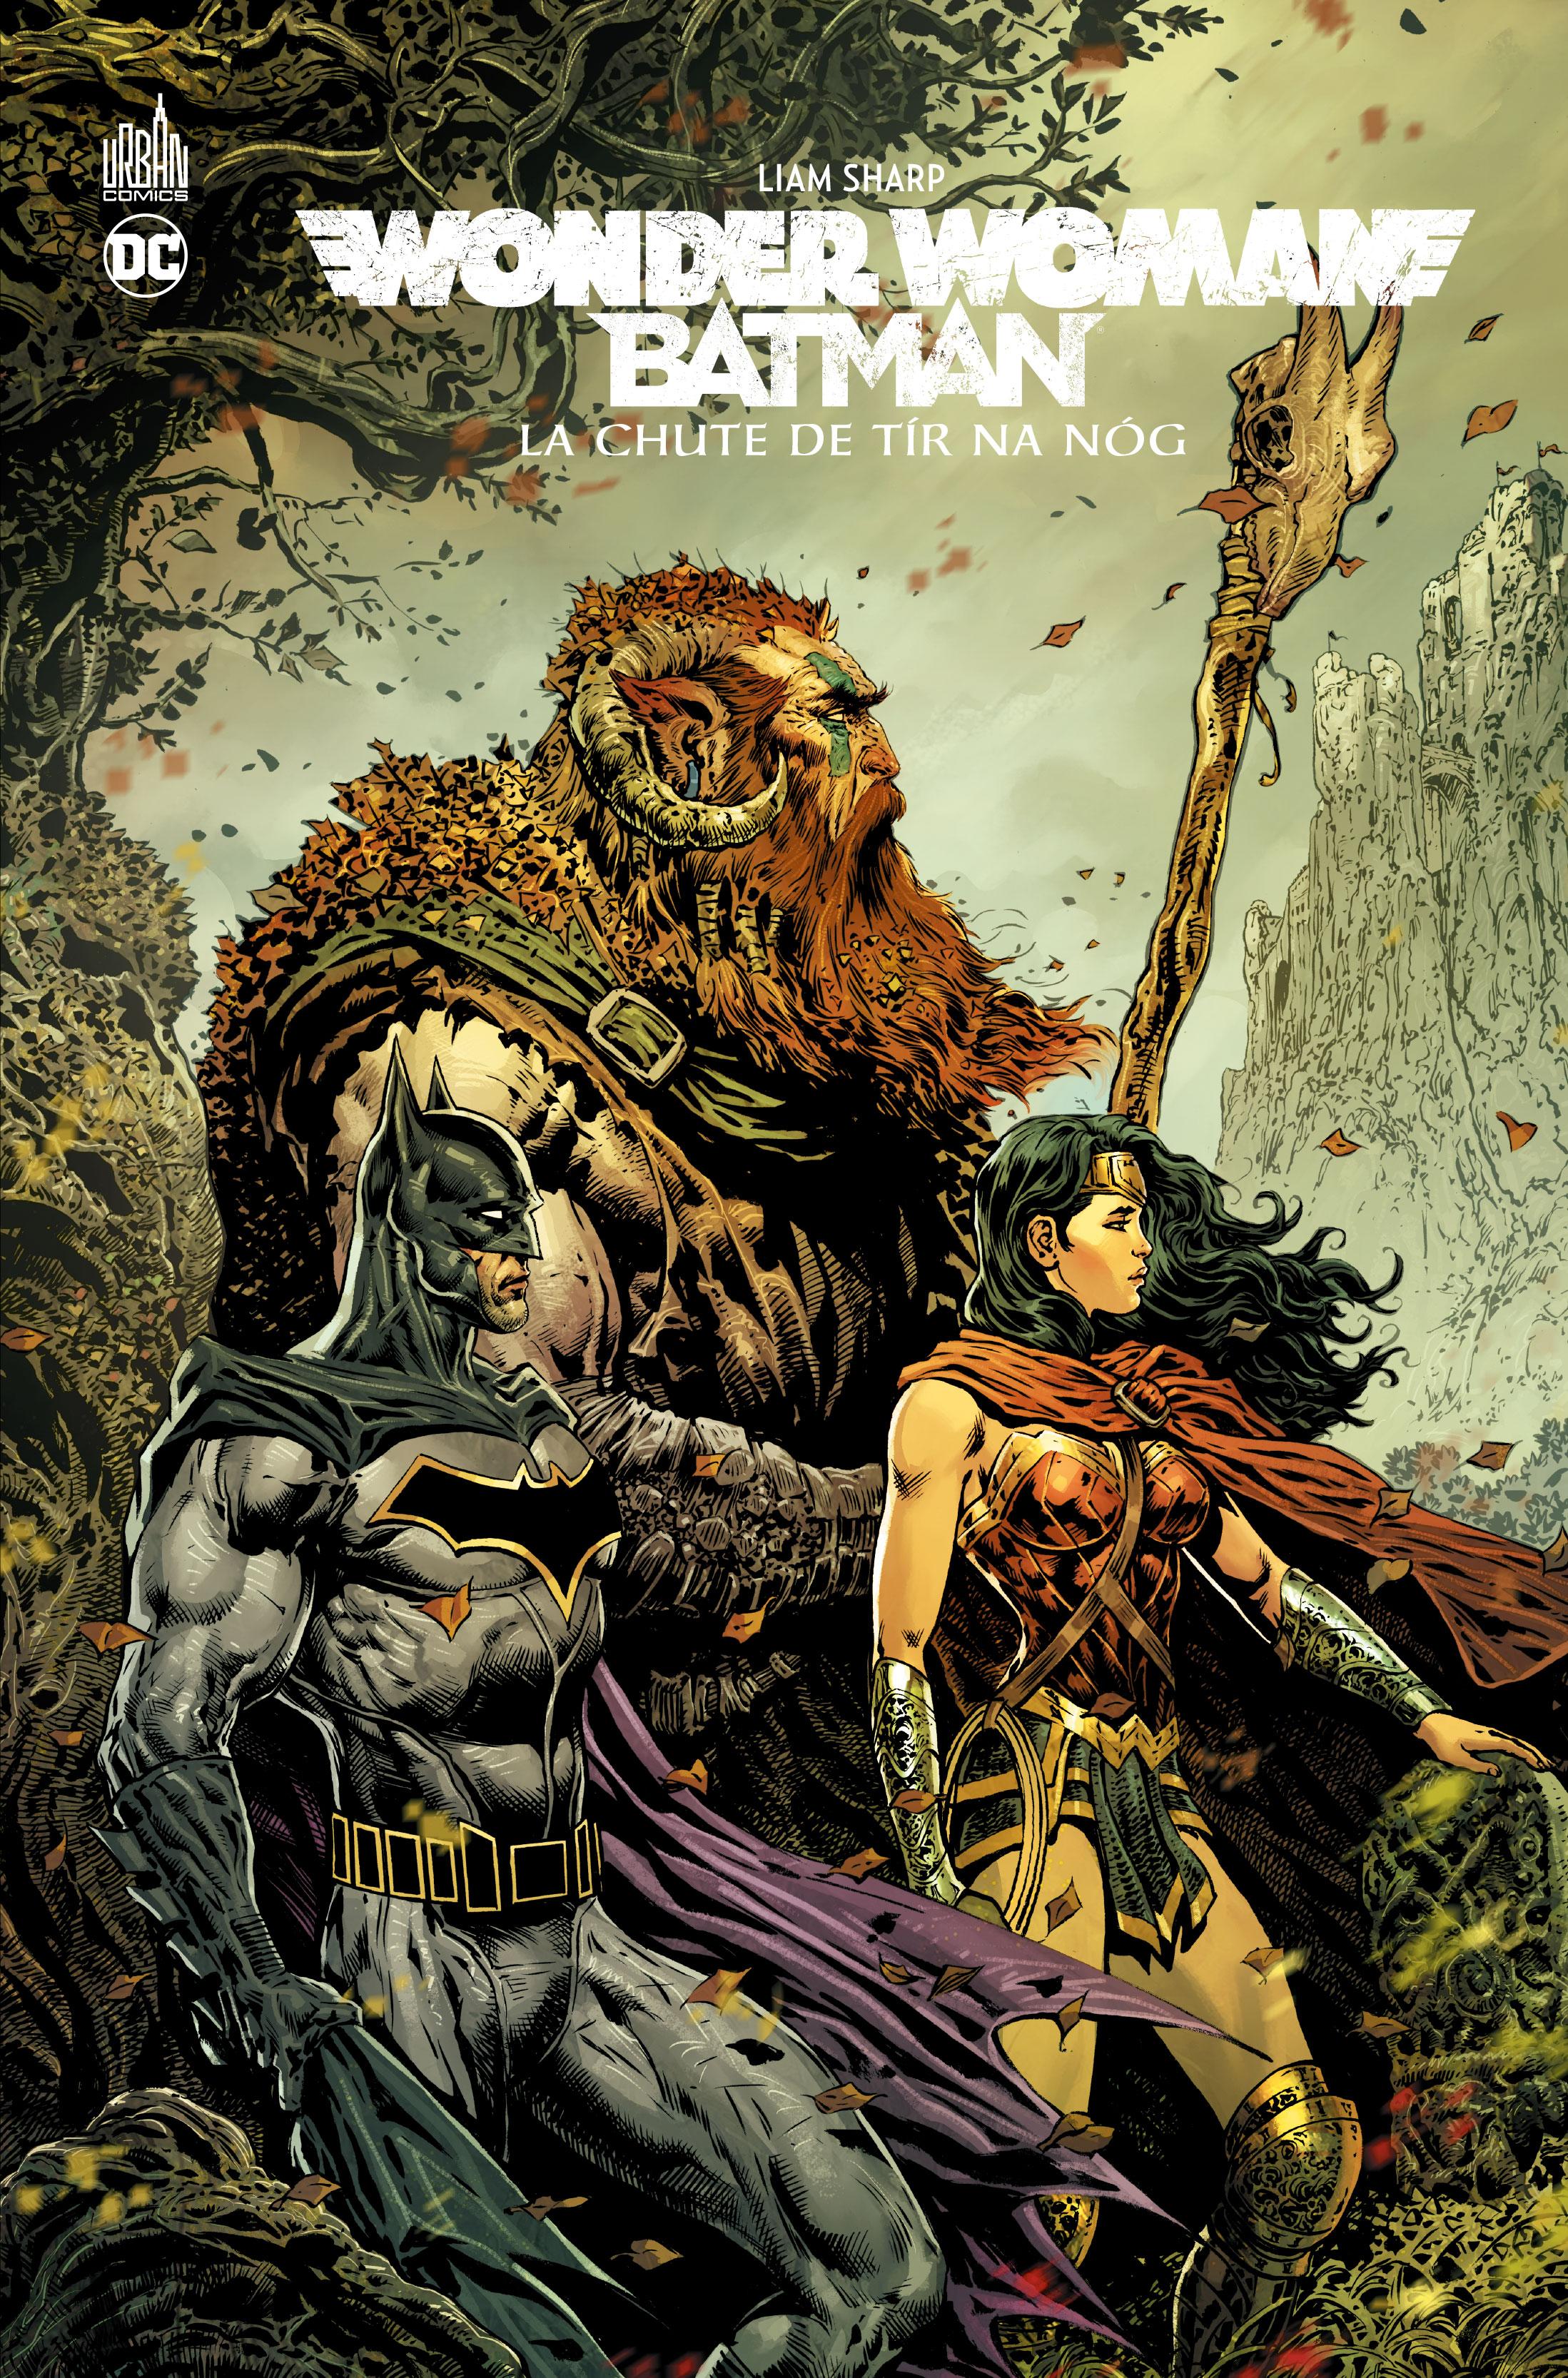 Wonder Woman & Batman 1 - La chute de Tír Na Nóg